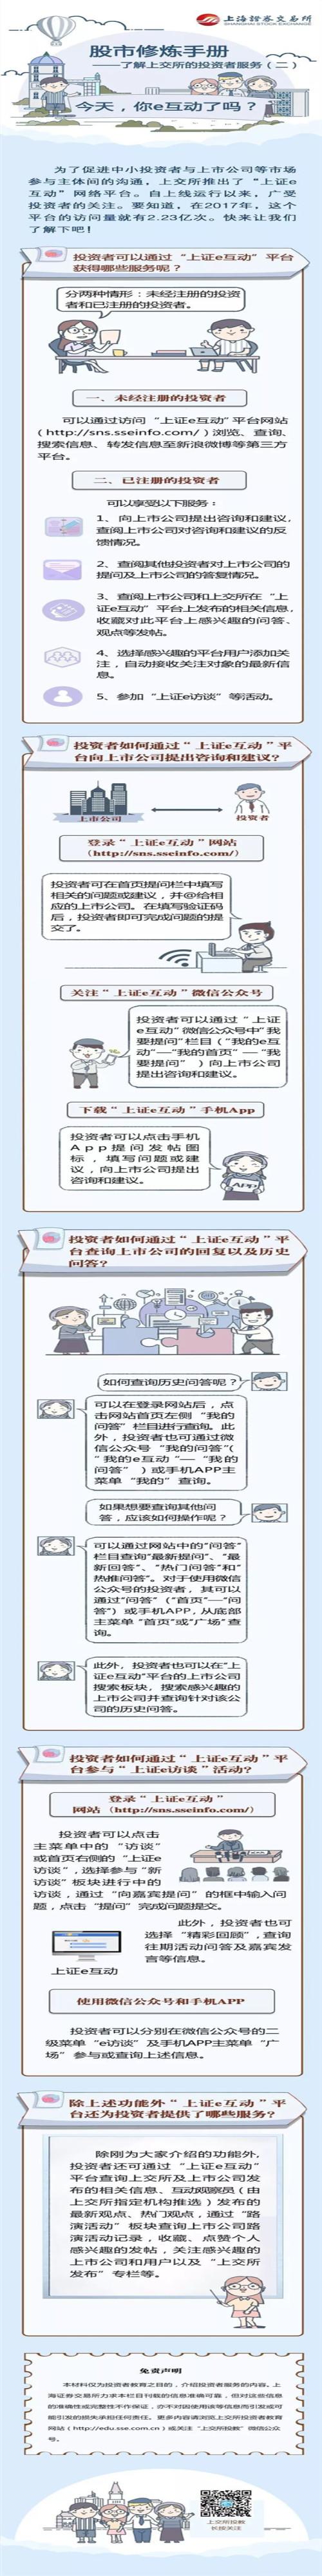 http://www.lxsec.com/upload4education/eduArt/9.21_副本.jpg